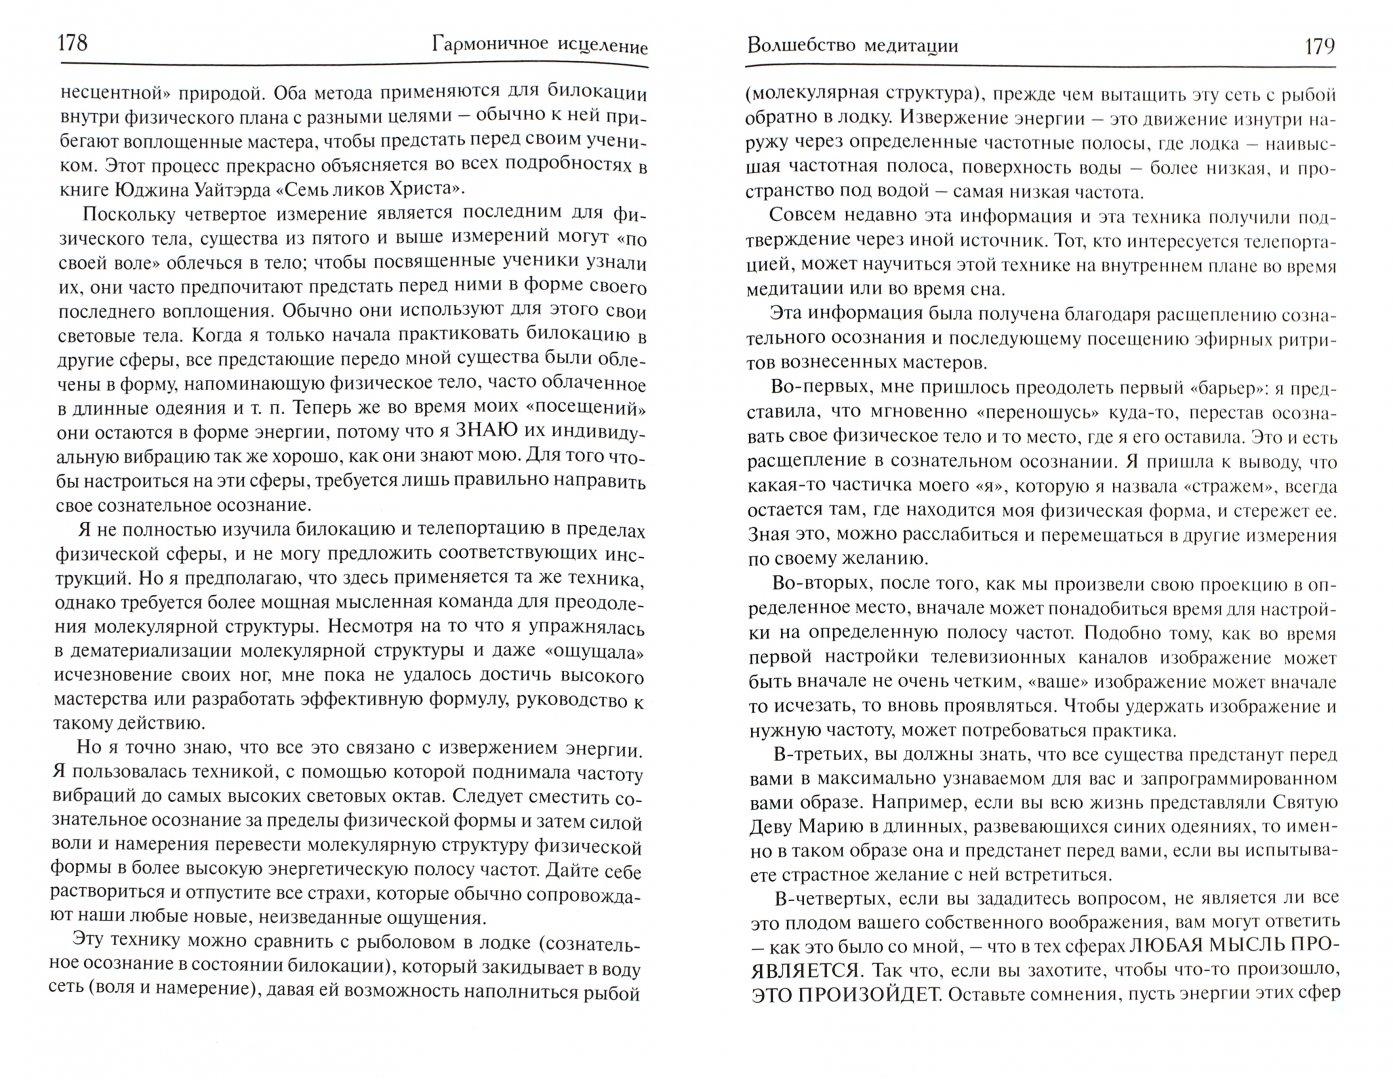 """Иллюстрация 1 из 6 для Гармоничное исцеление. Путь """"Бессмертных"""" с Джасмухин - Джасмухин   Лабиринт - книги. Источник: Лабиринт"""